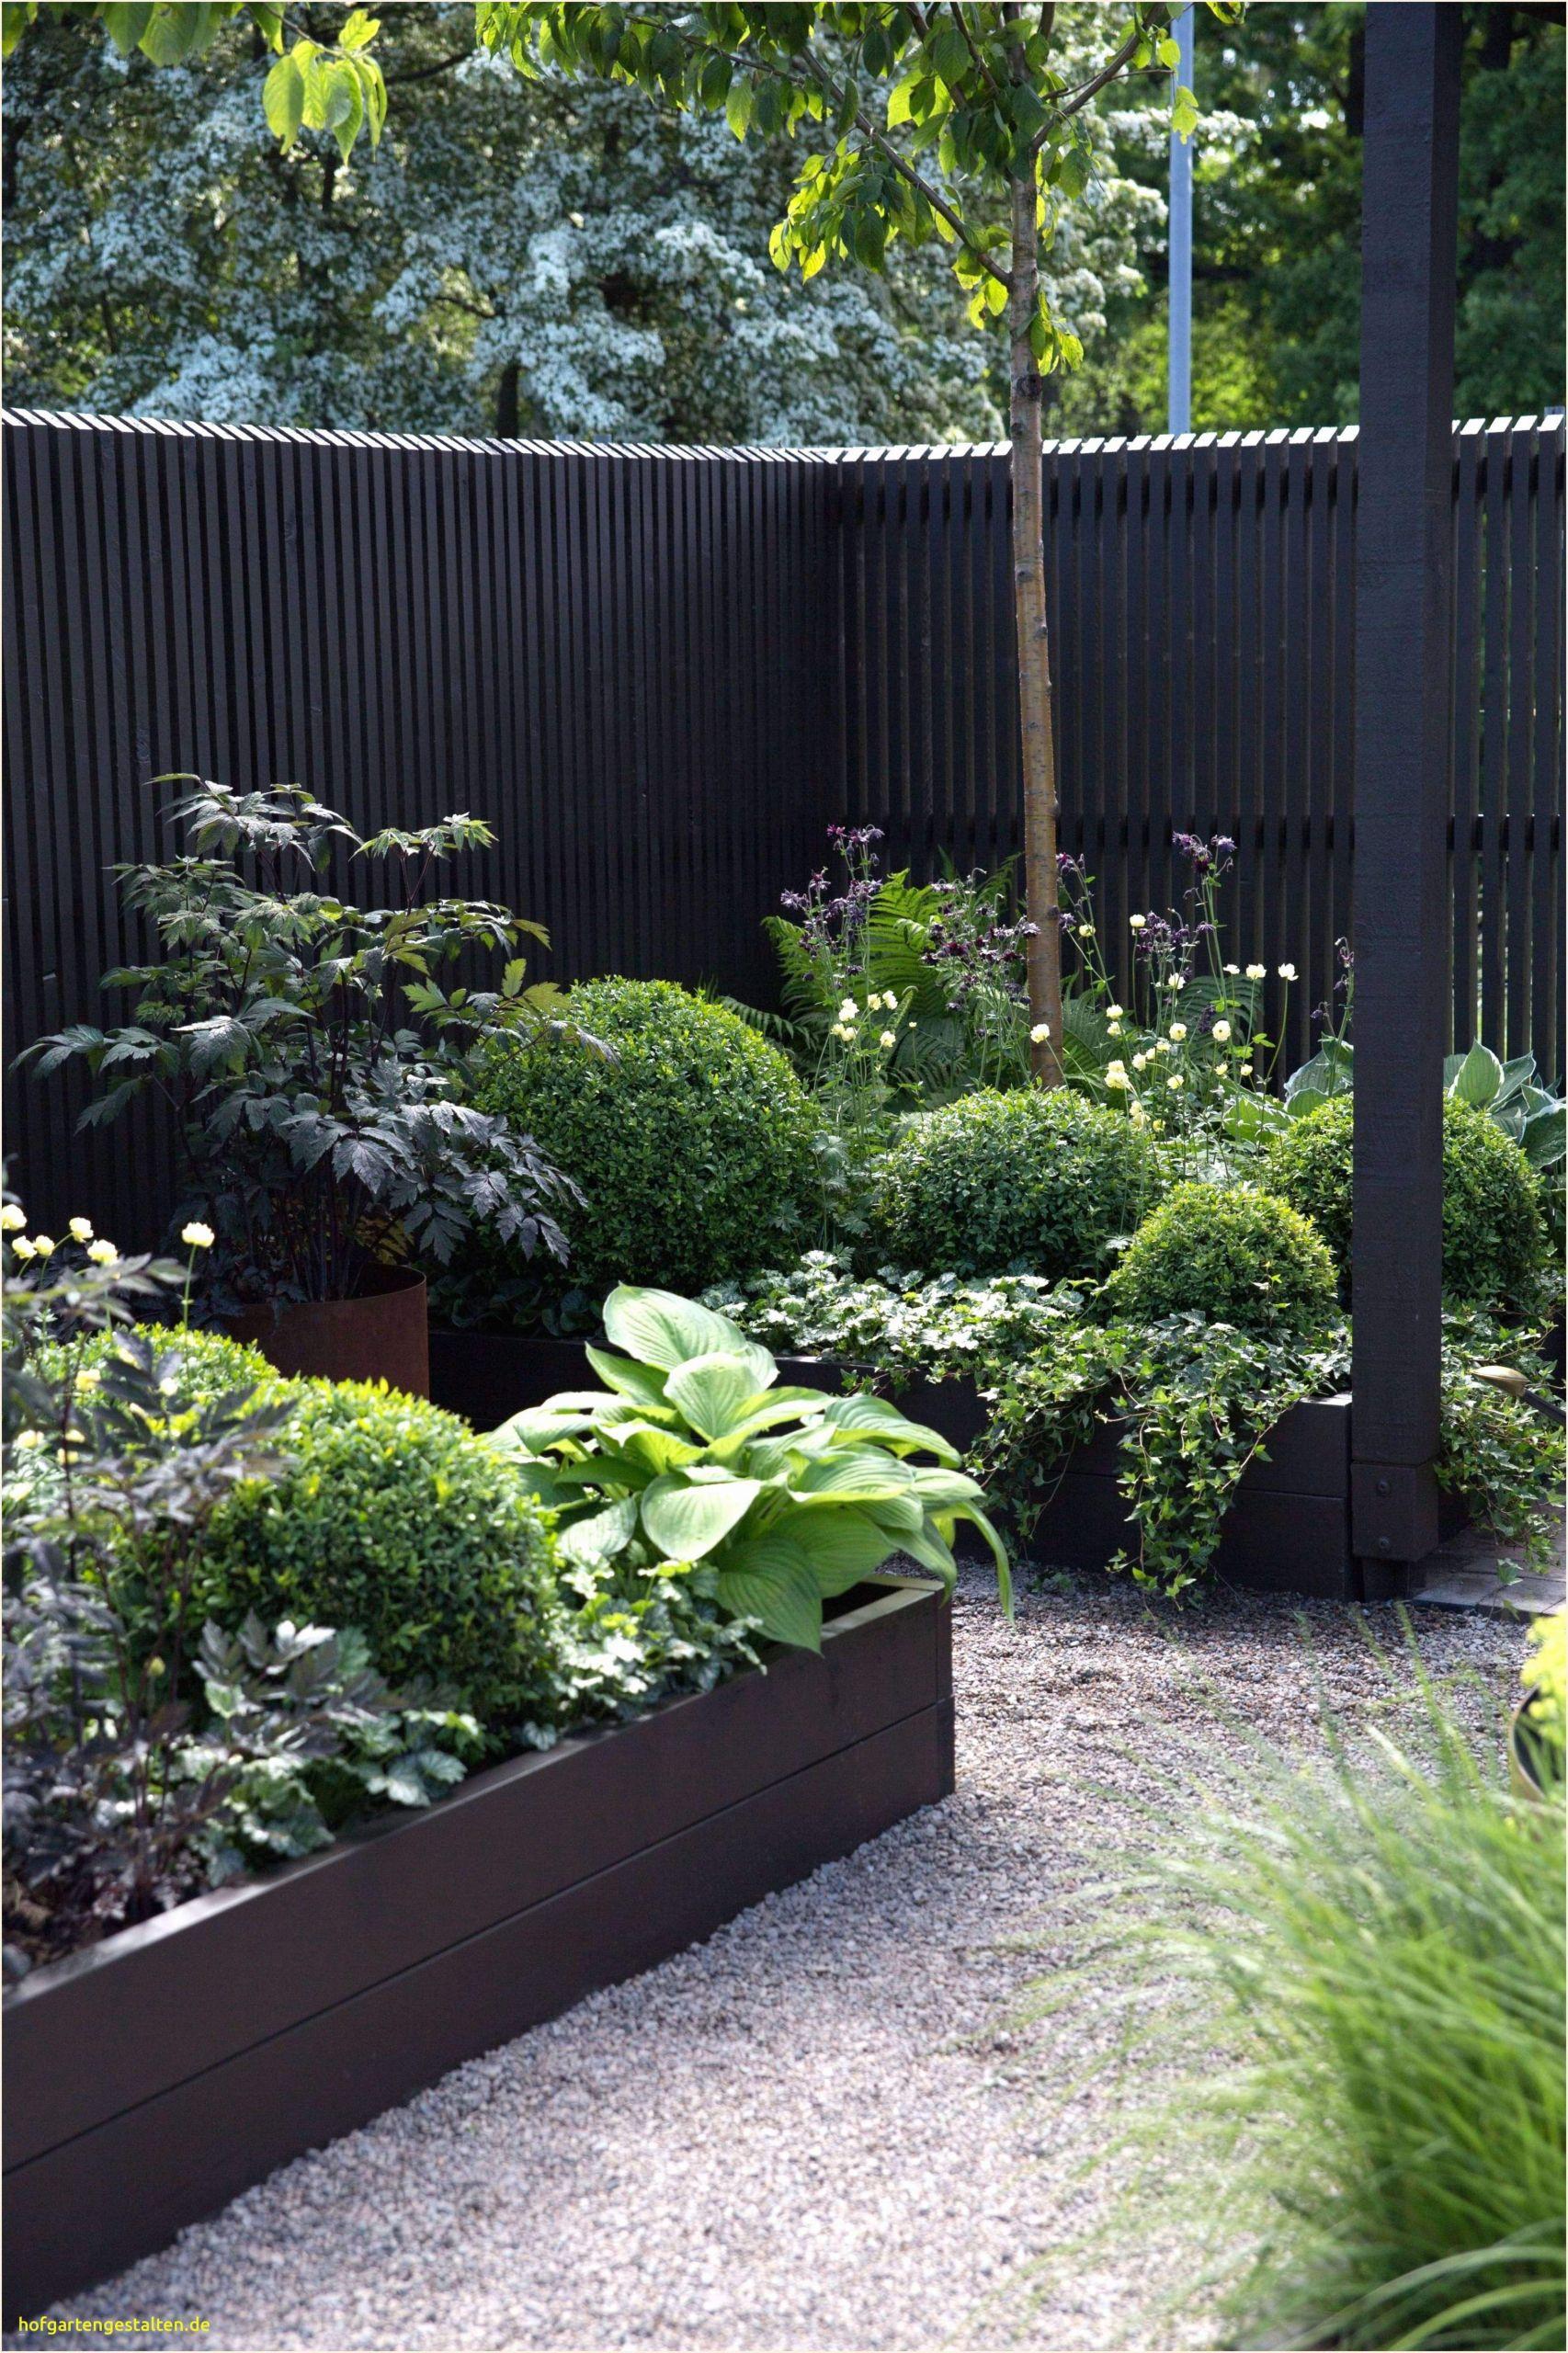 Vertikaler Garten Anleitung Das Beste Von Vertikaler Garten Anleitung — Temobardz Home Blog